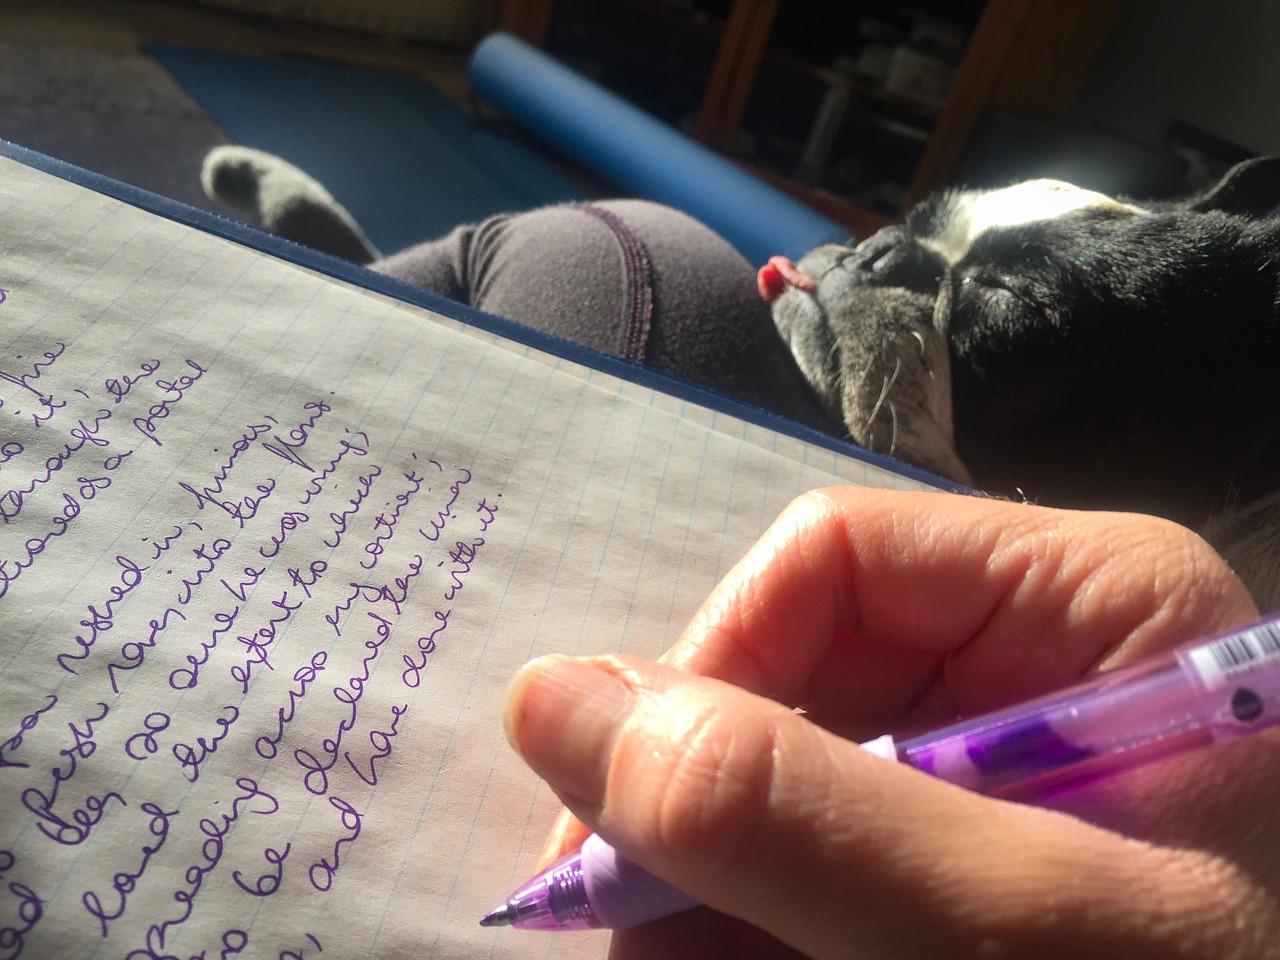 Darbas namuose: surinkite rašiklius. Atsiliepimai apie namų darbus